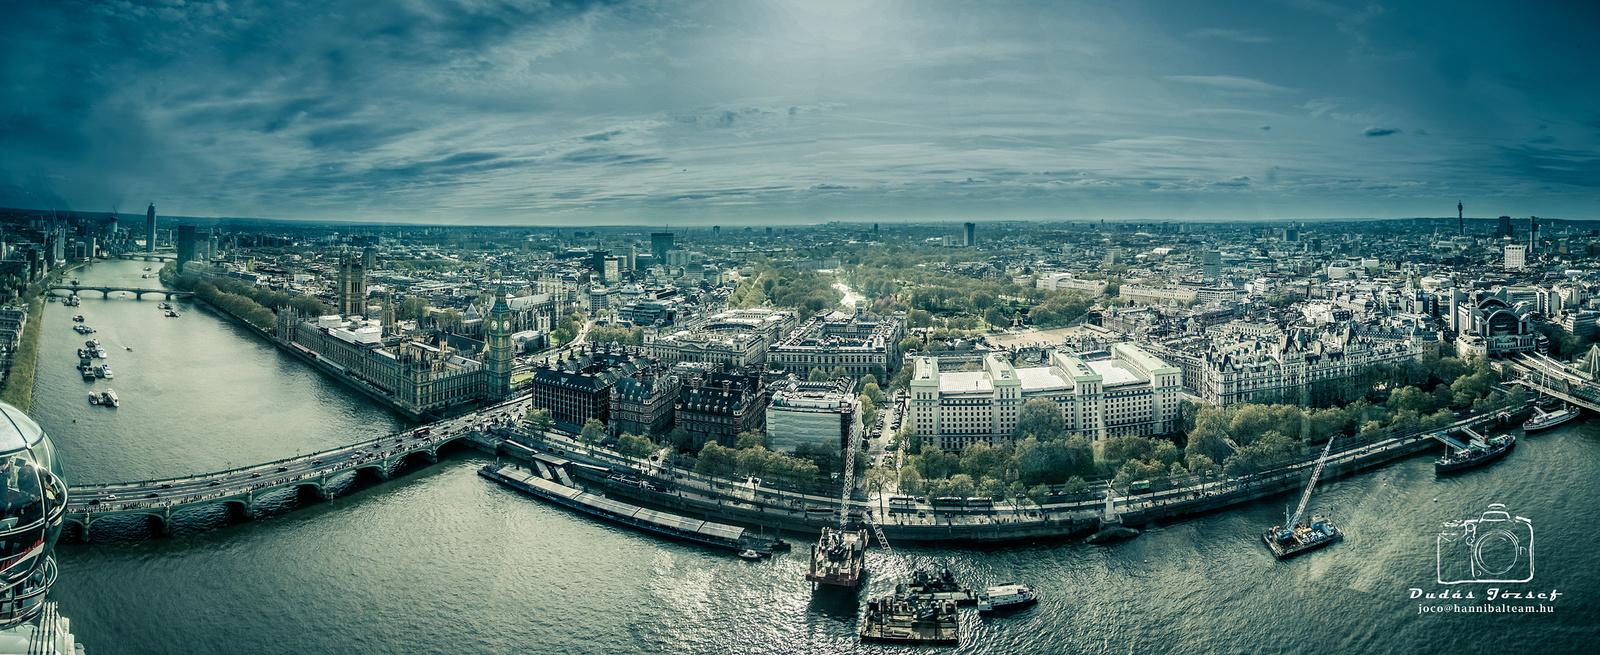 London Blue 15 db képből készült panoráma